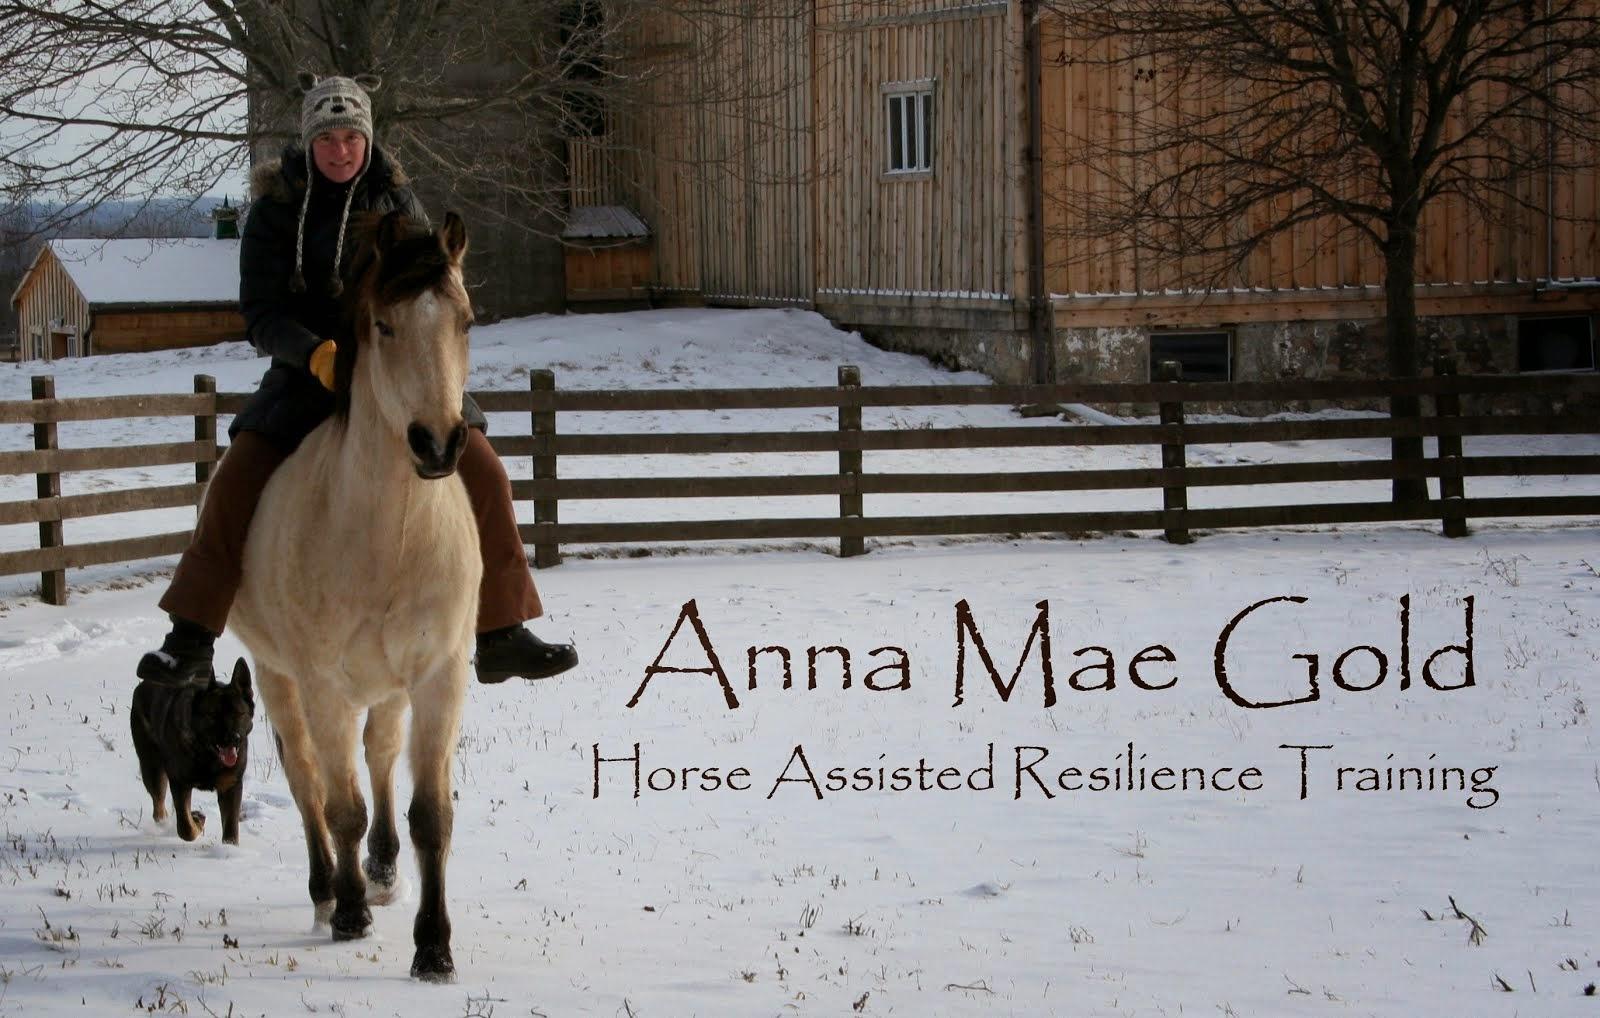 Anna Mae Gold